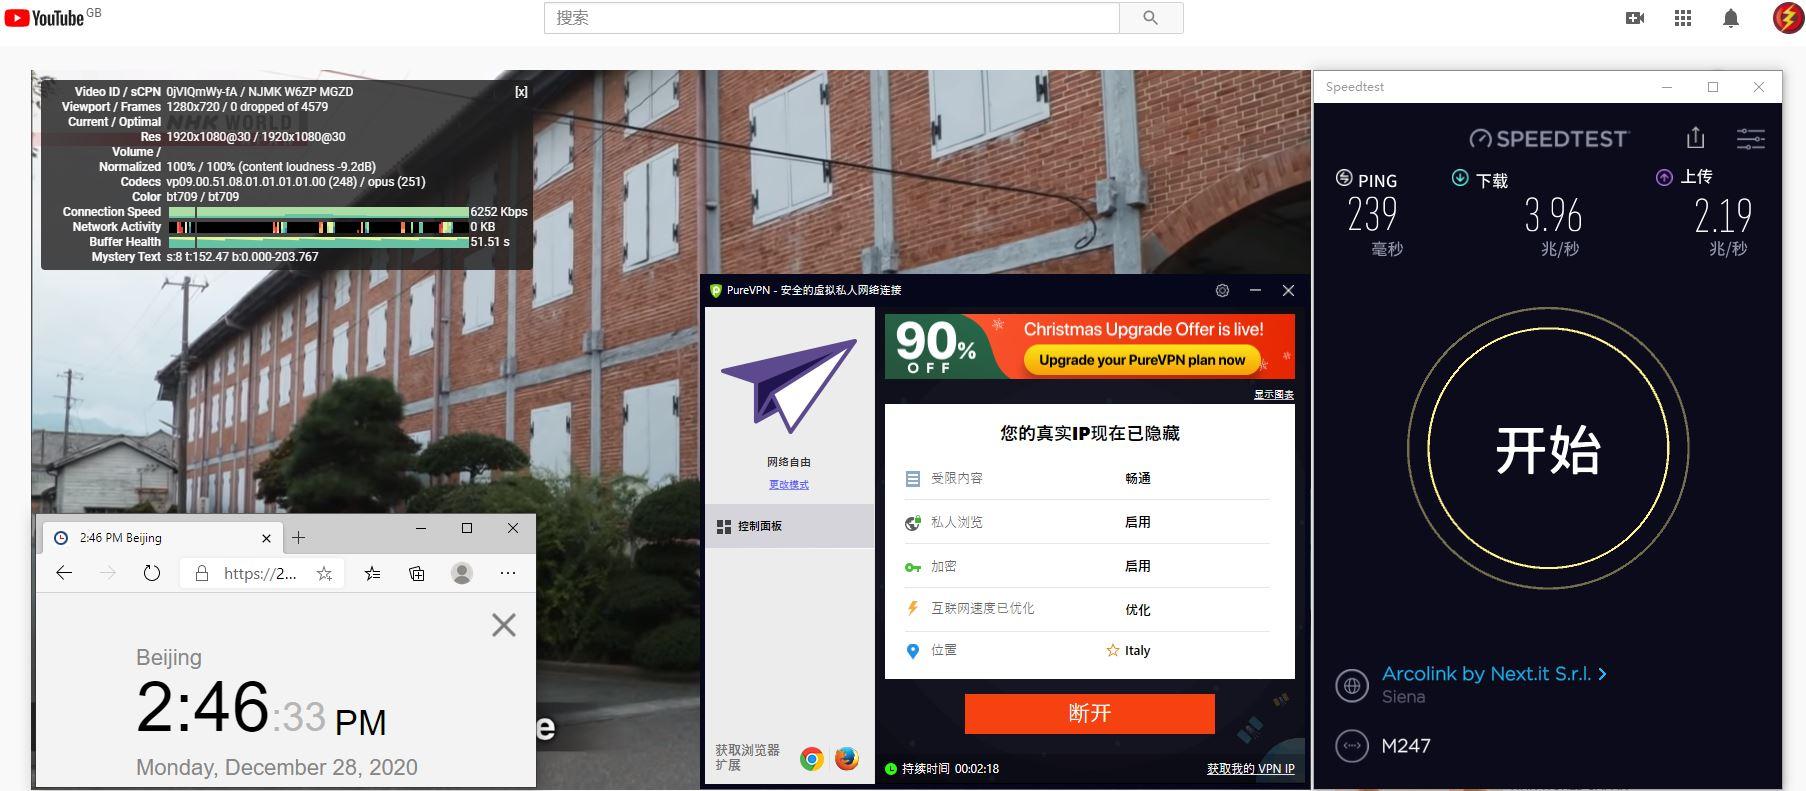 Windows10 PureVPN Italy 服务器 中国VPN 翻墙 科学上网 10Beasts Barry测试 - 20201228